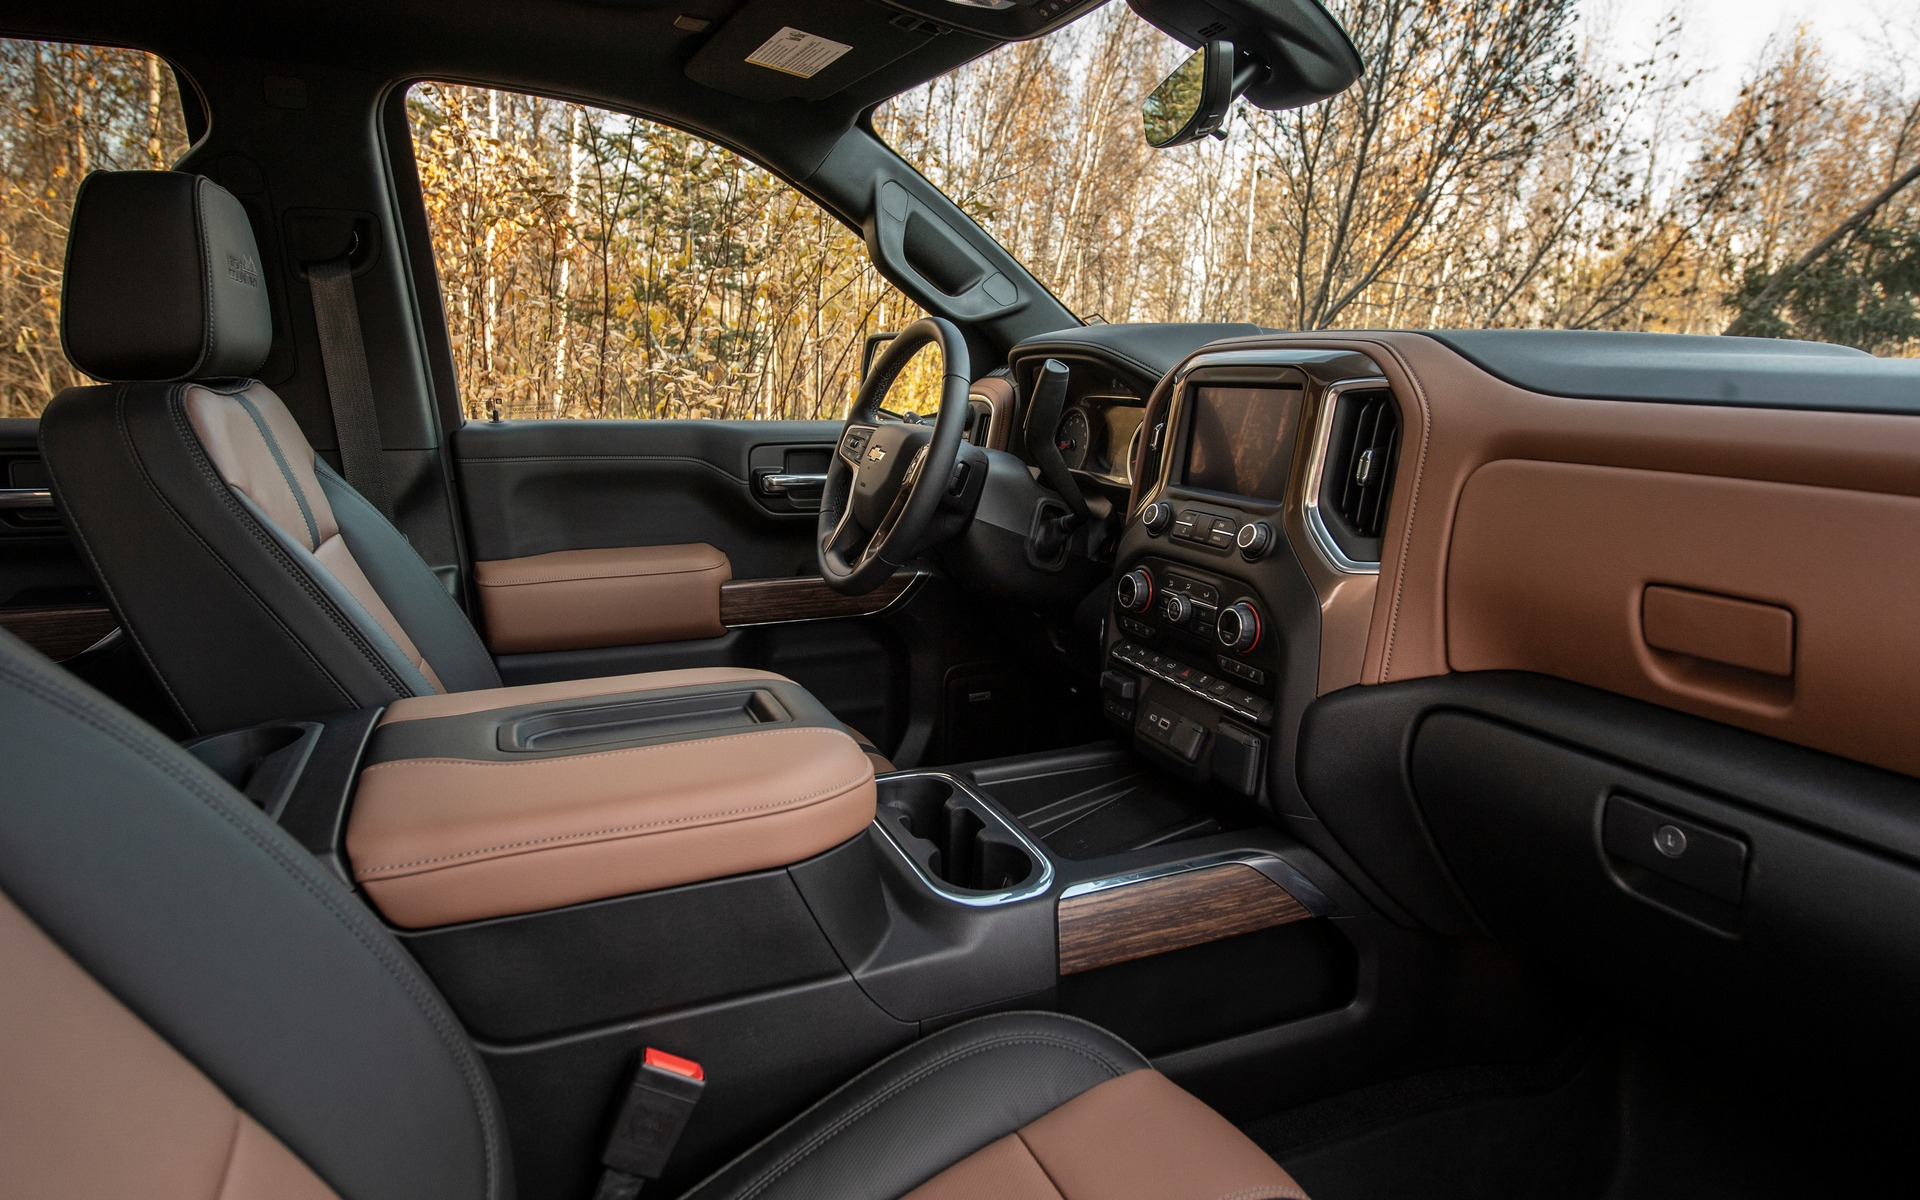 Chevrolet Silverado 2019 : fraîchement remanié pour battre Ford et Ram 349032_2019_Chevrolet_Silverado